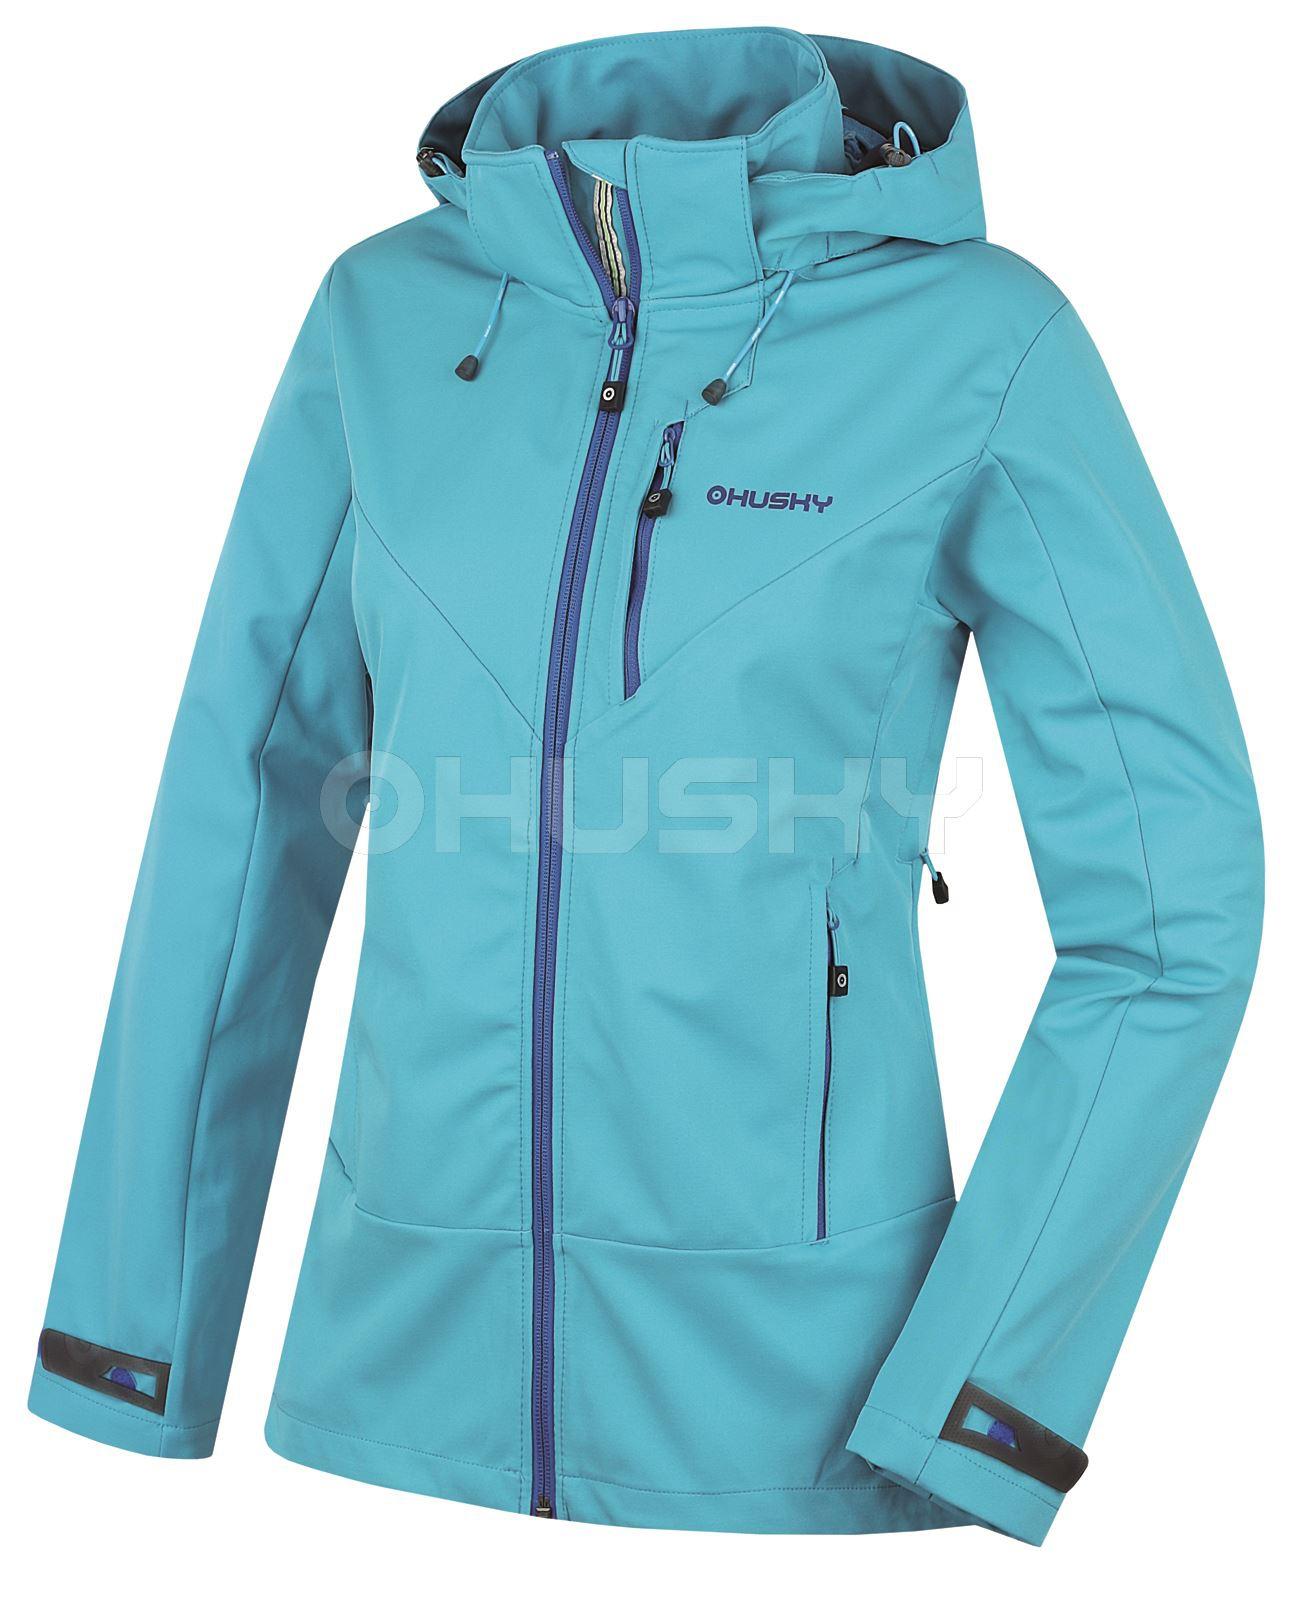 Husky Dámská outdoor bunda Spoly L modrá Velikost: L